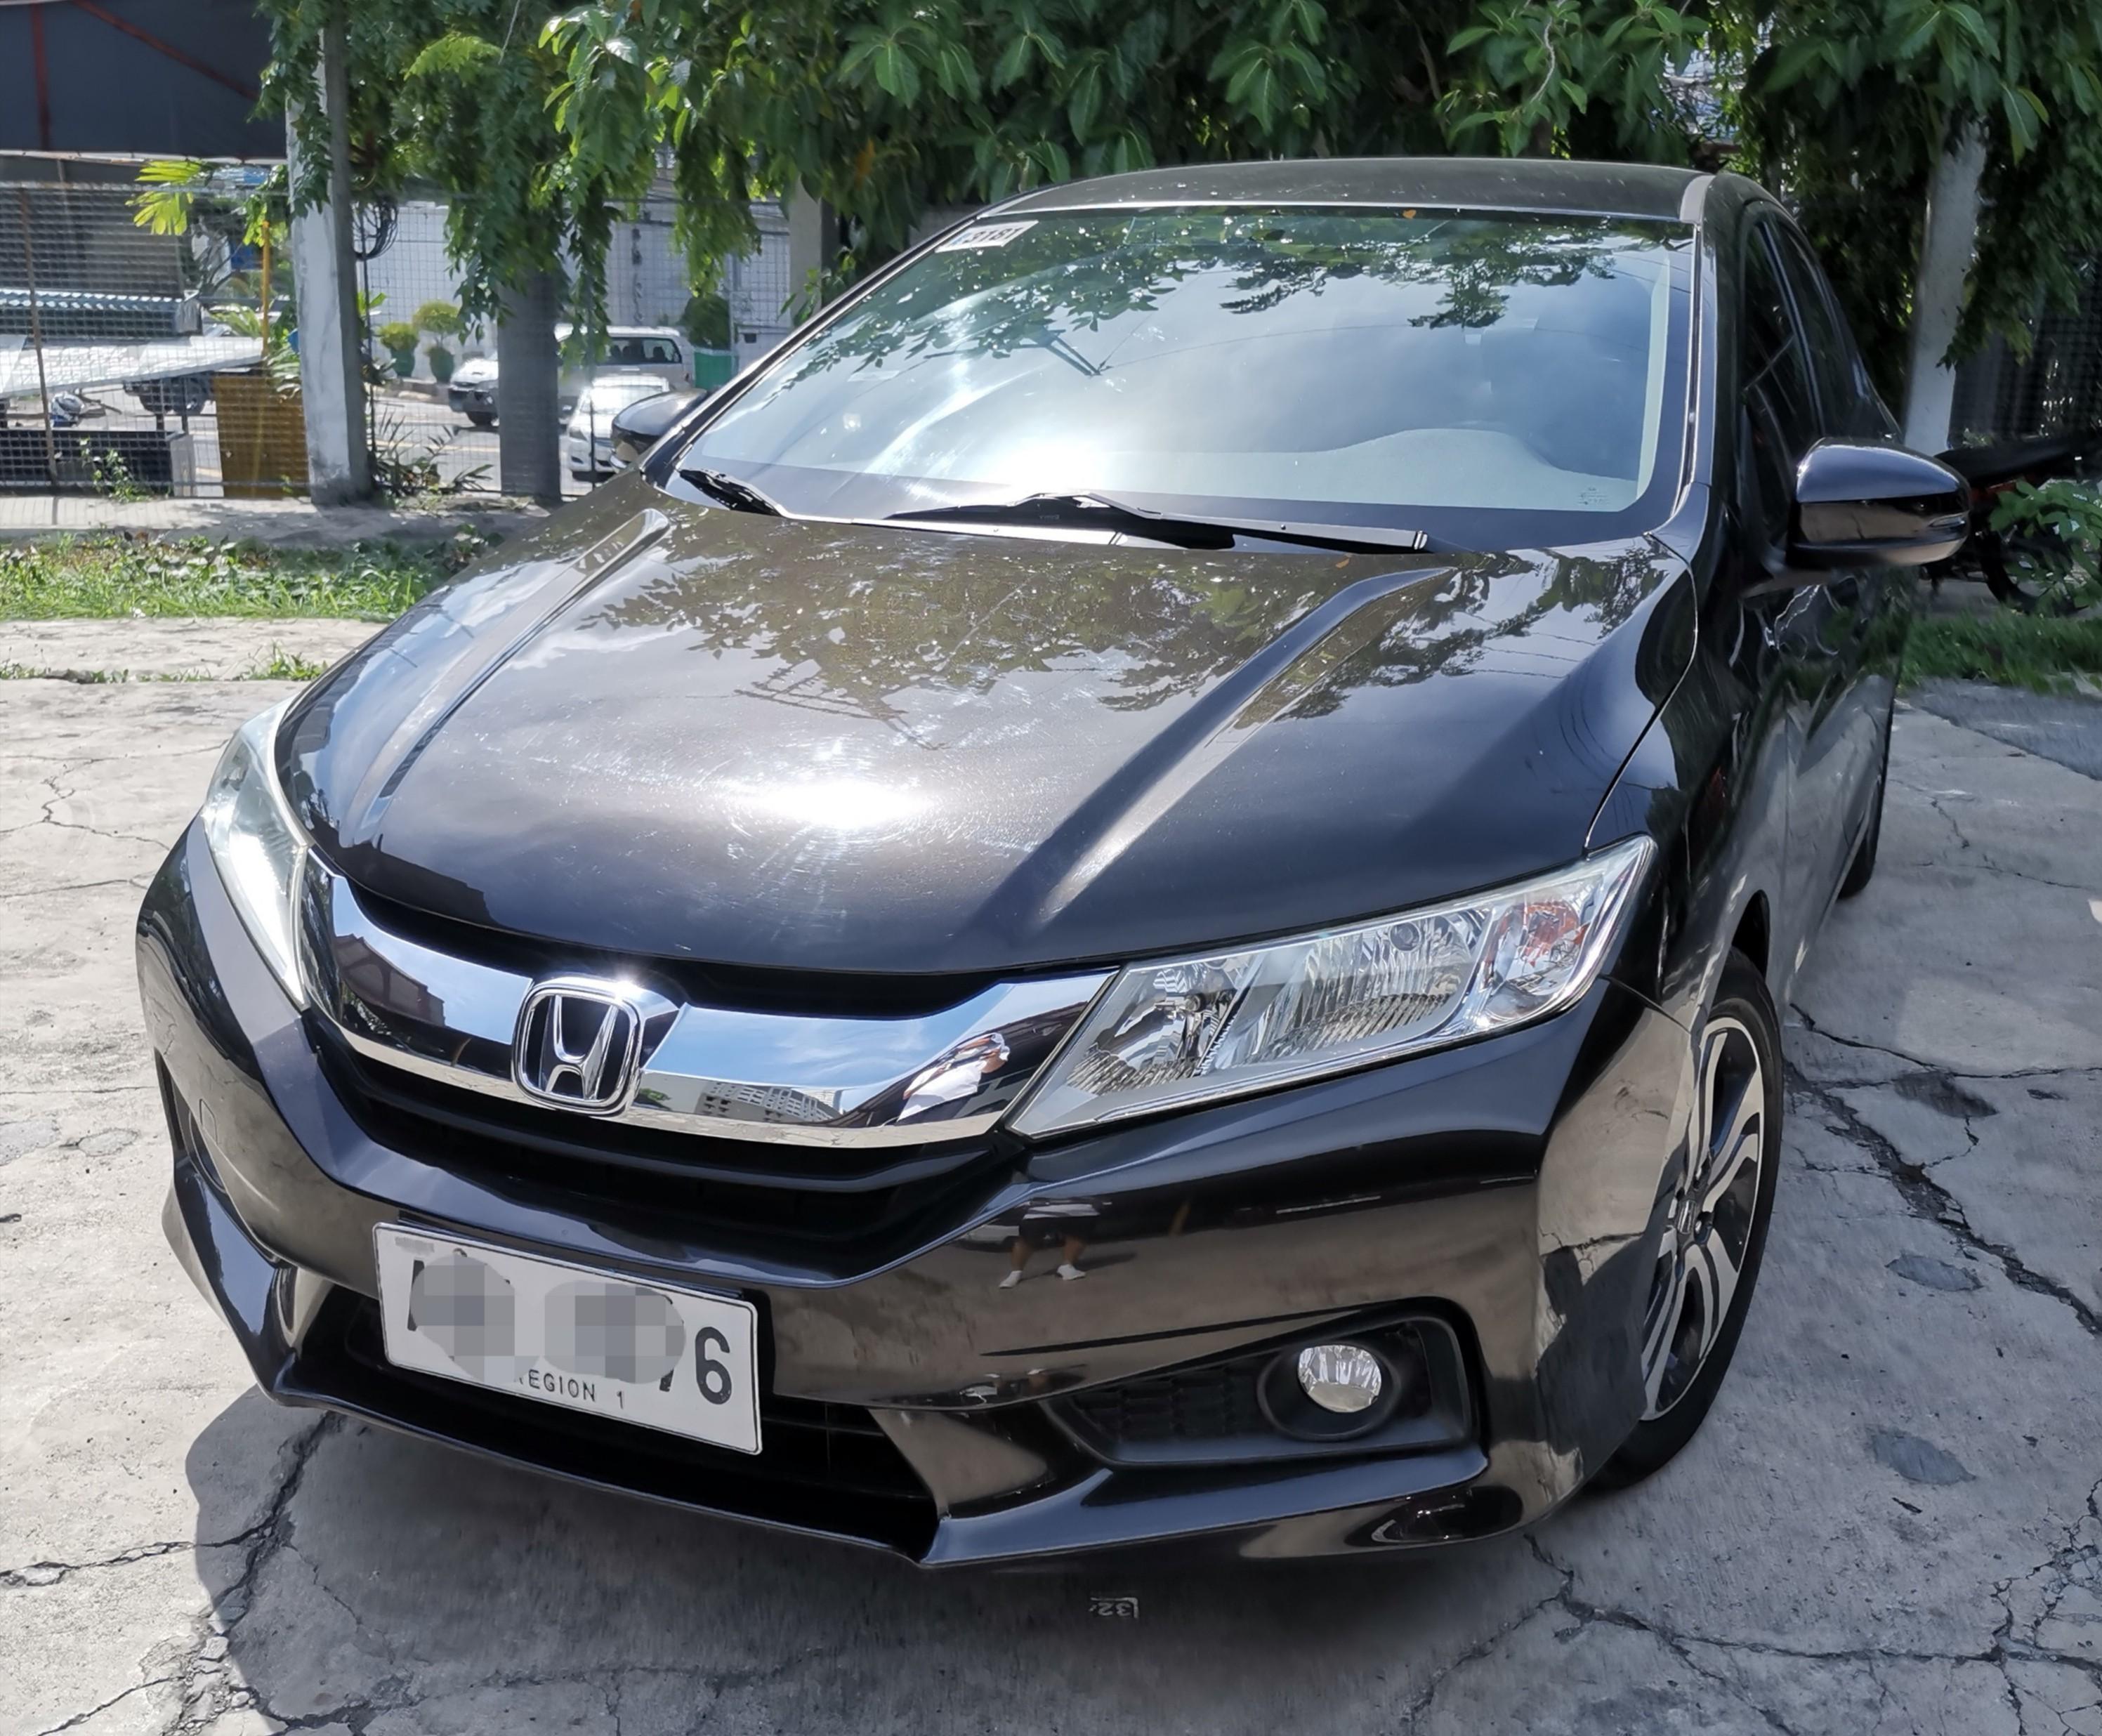 Kelebihan Kekurangan Honda City 2016 Spesifikasi